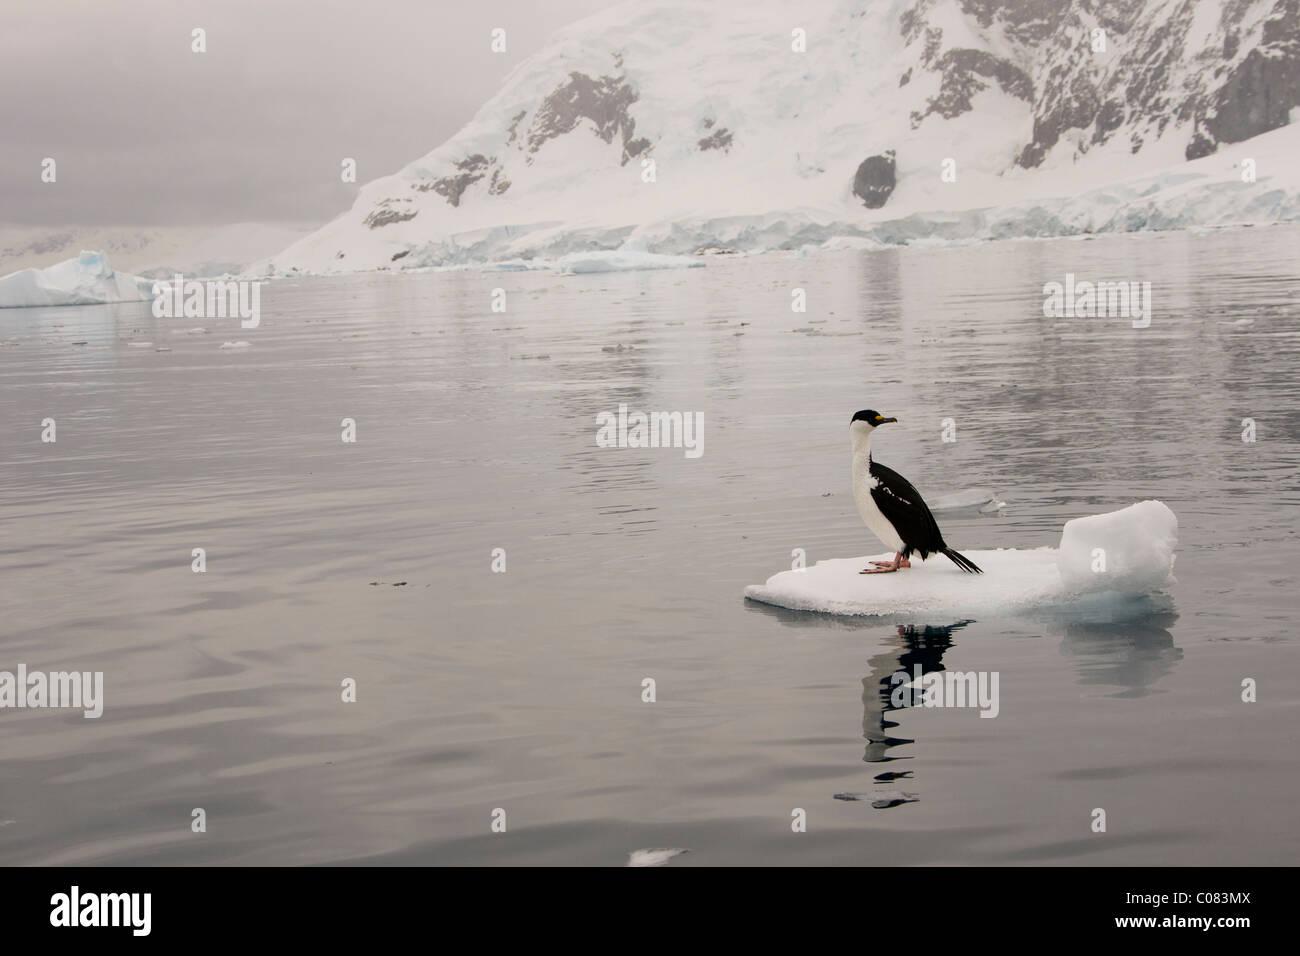 Cormorán Antártico adulto sentado en el flujo de hielo, Brown Bluff, en la Península Antártica. Imagen De Stock